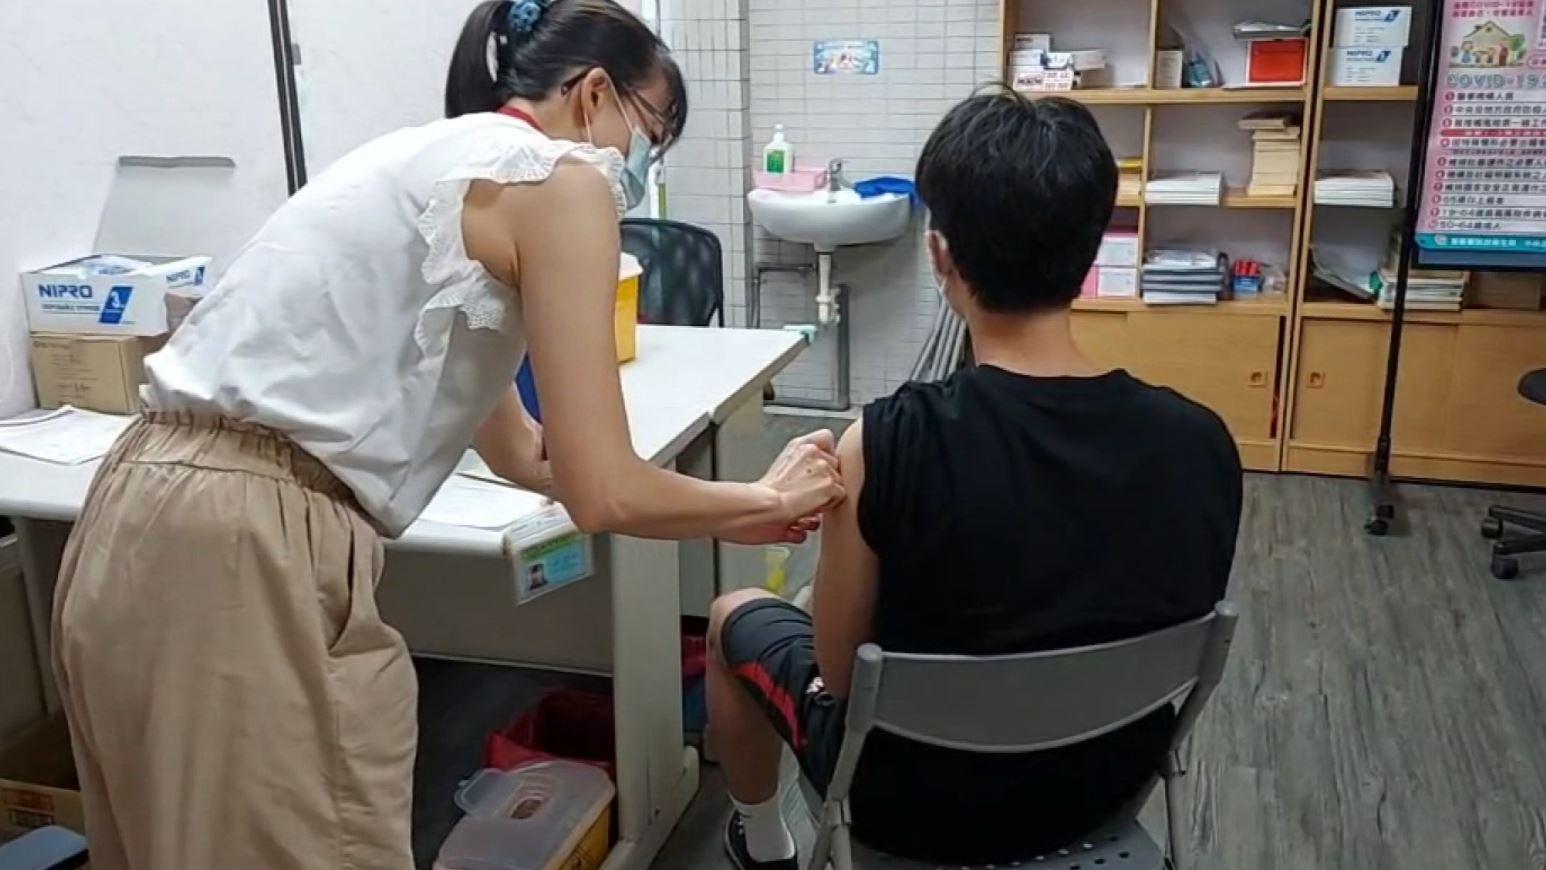 多縣市暫停打疫苗! 配給量趕不上預約 民眾質疑:強迫打高端?